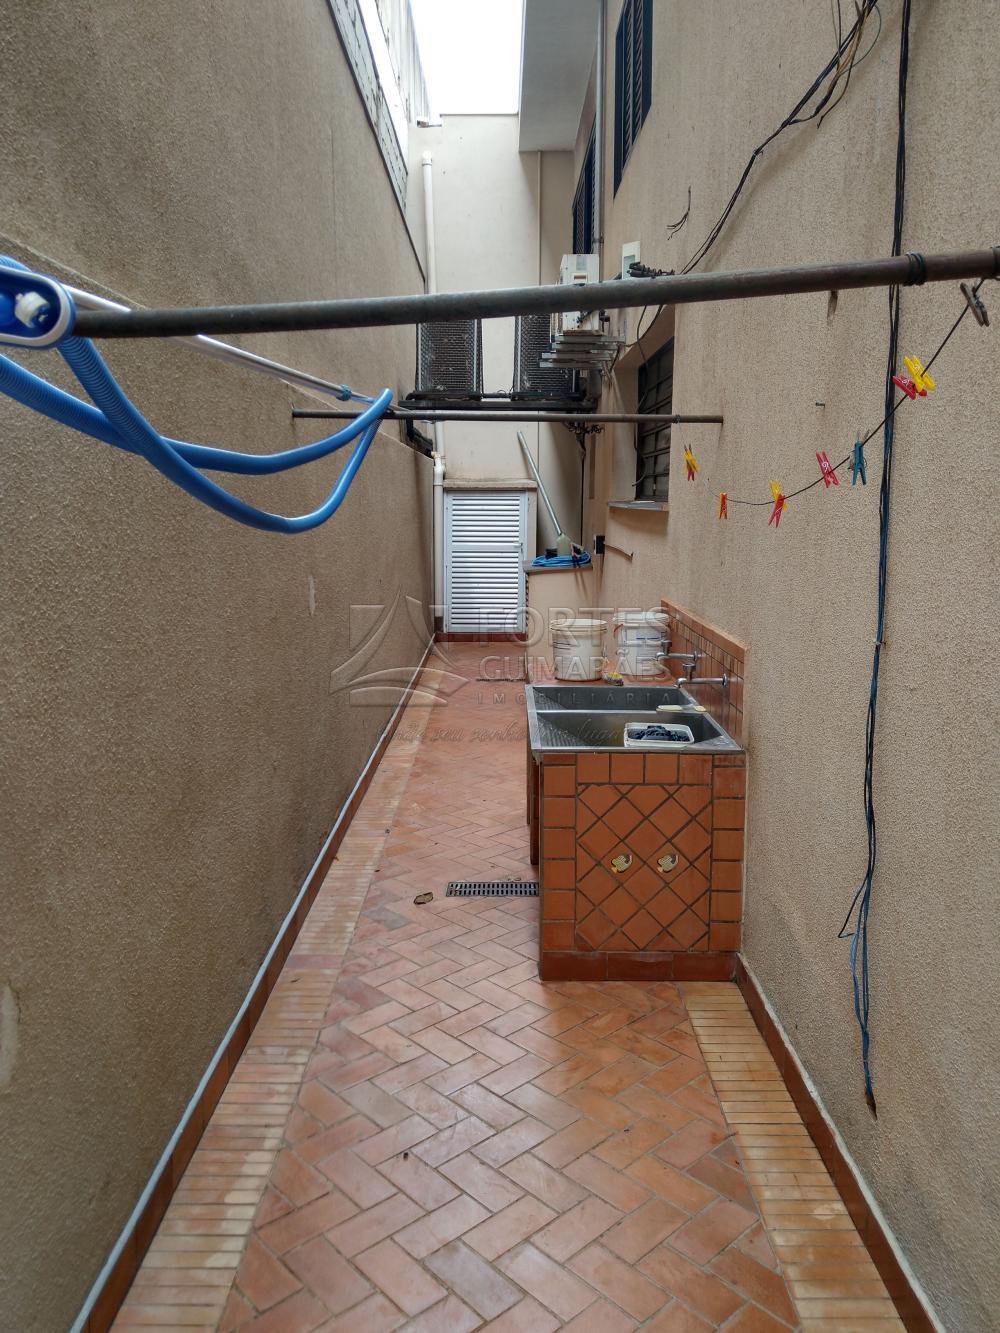 Alugar Comercial / Imóvel Comercial em Ribeirão Preto apenas R$ 12.000,00 - Foto 125